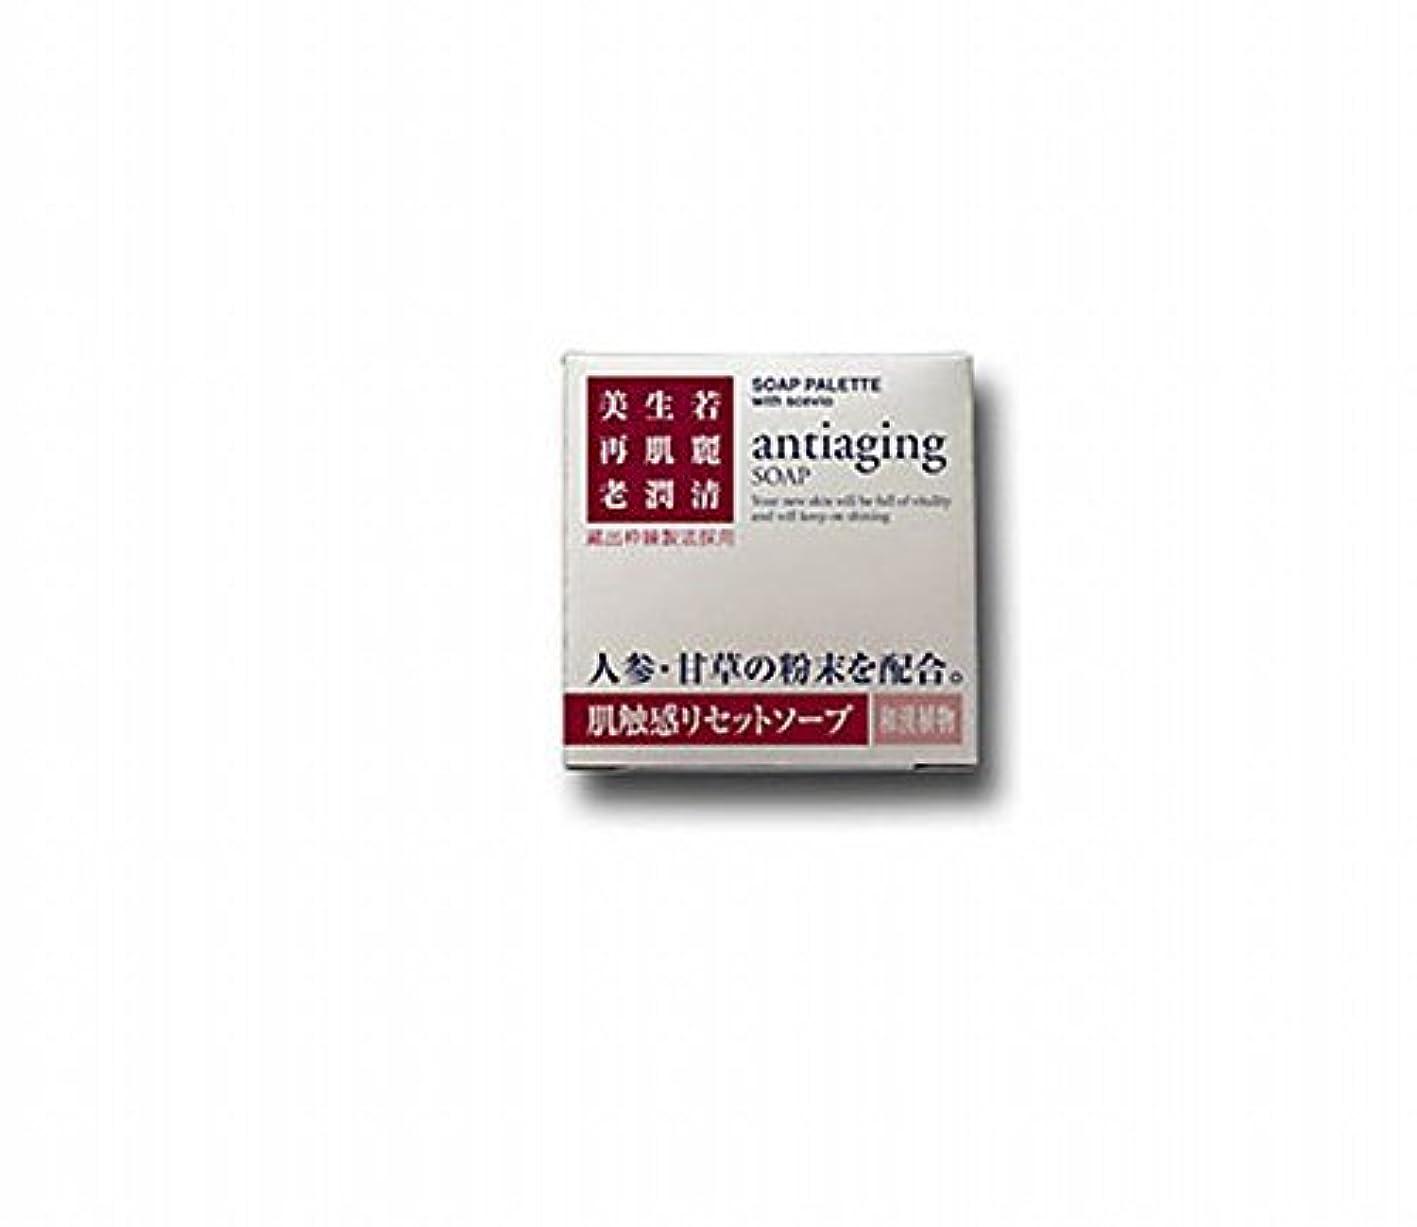 エゴマニアタックテナントビバニーズ スセビオ ソープパレット 【肌触感リセットソープ】 100g